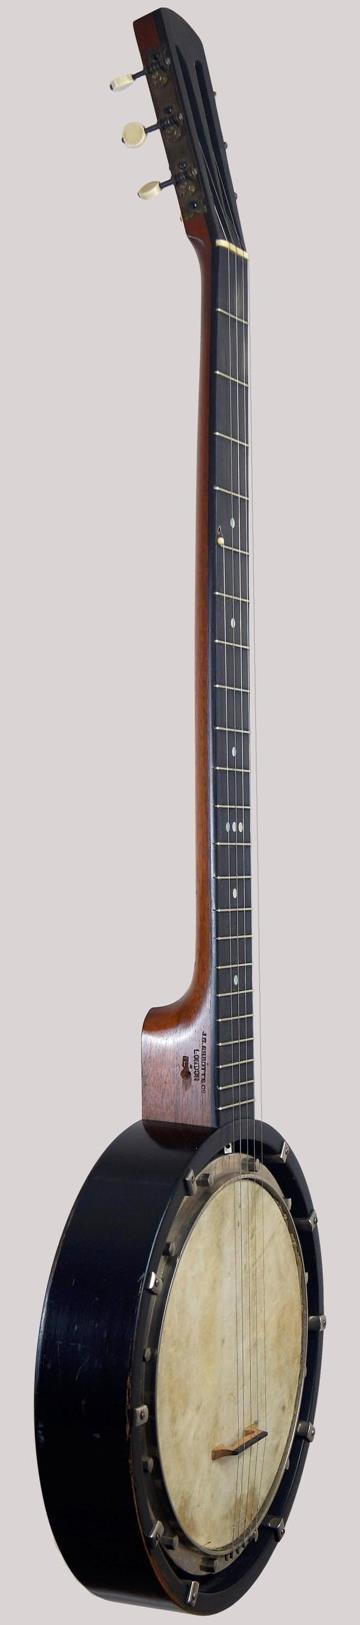 1920s London made 5 string zither banjo at Ukelele Corner